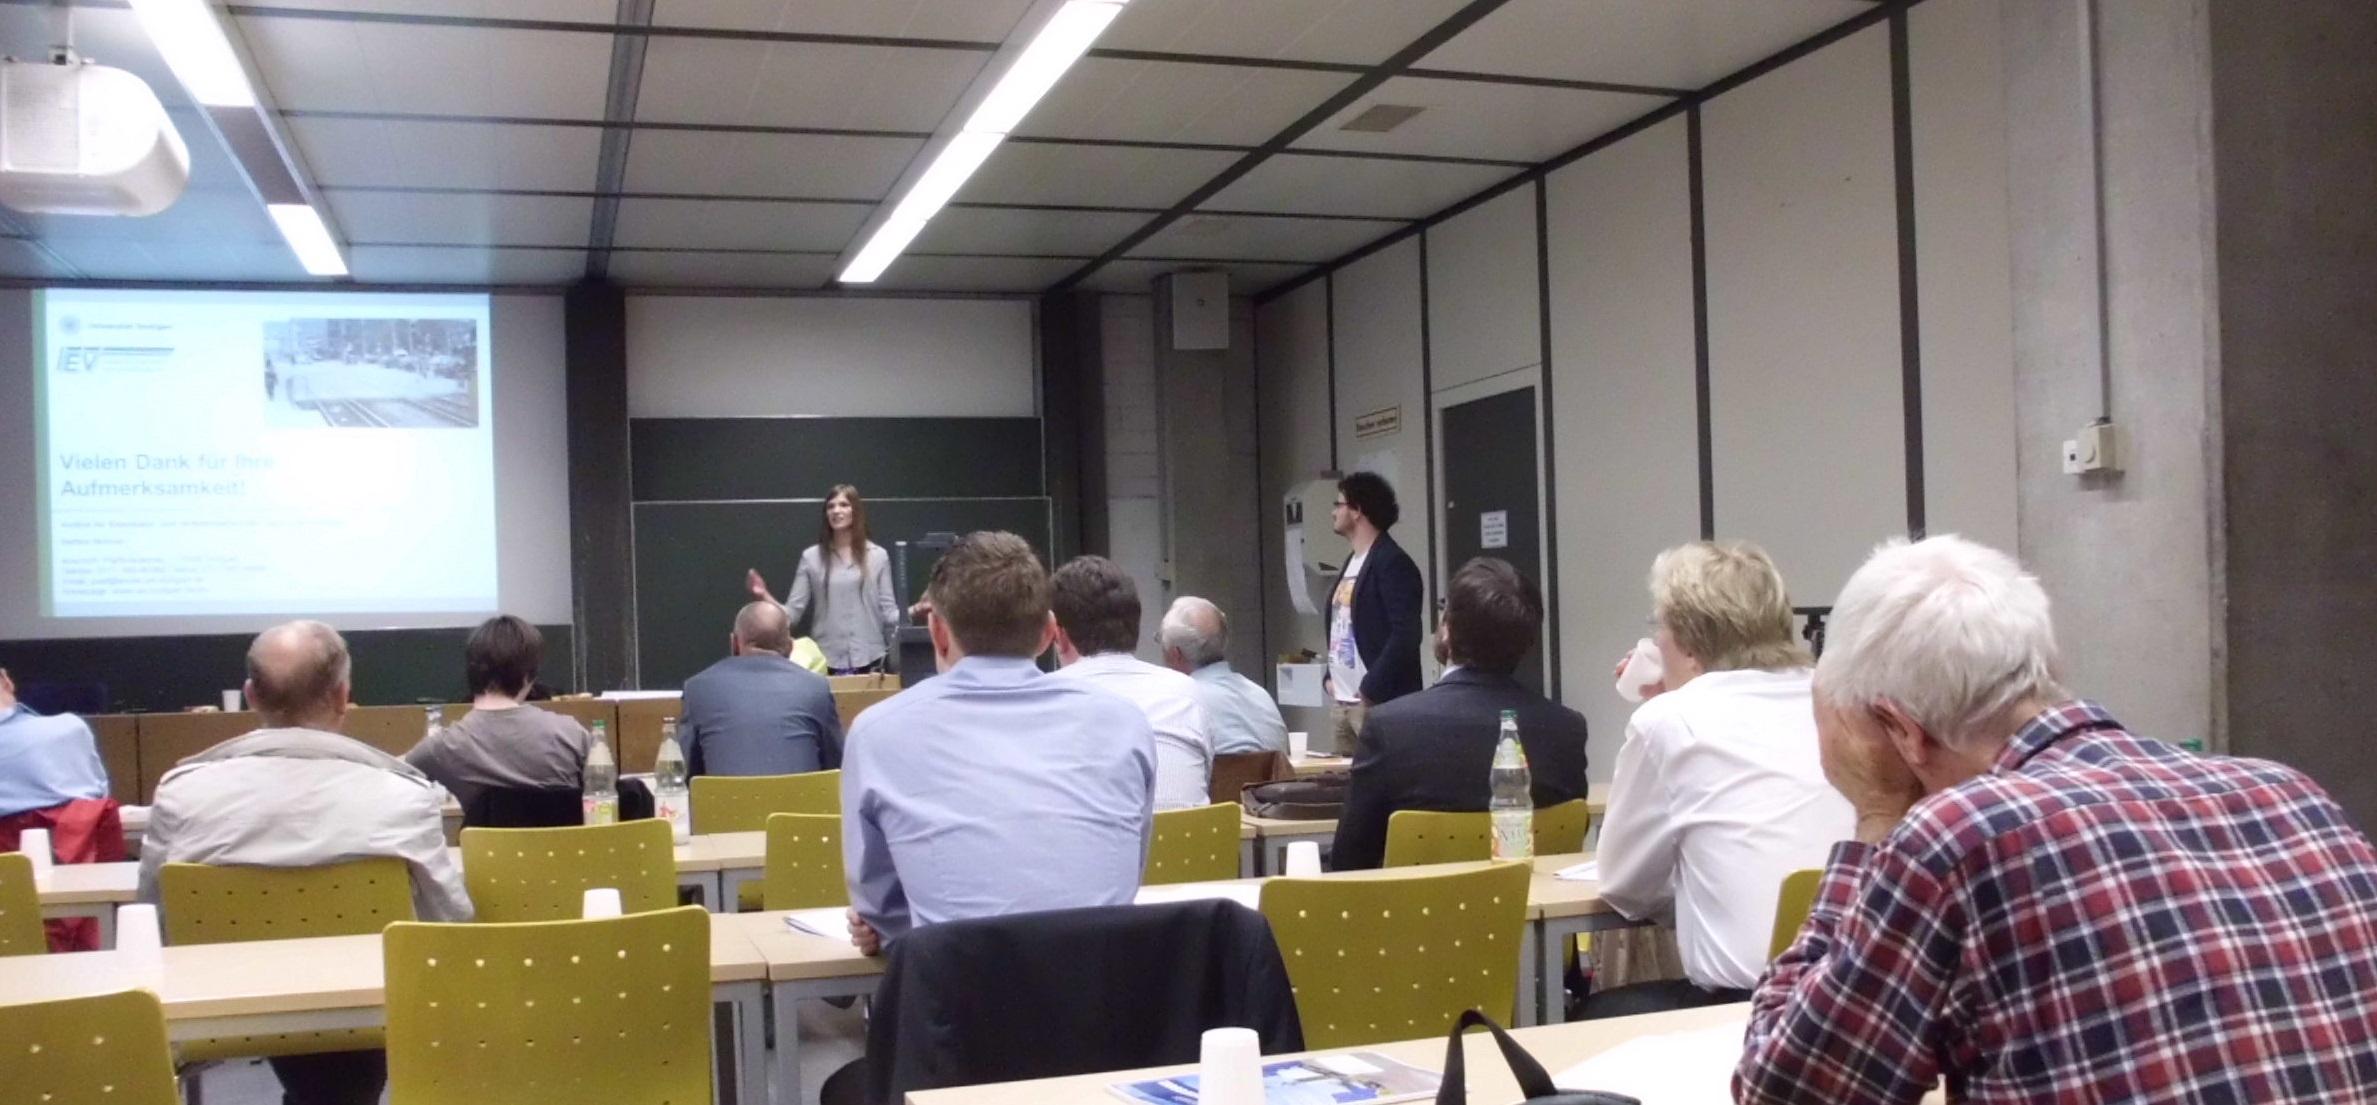 Bettina Morman bei ihrem Vortrag